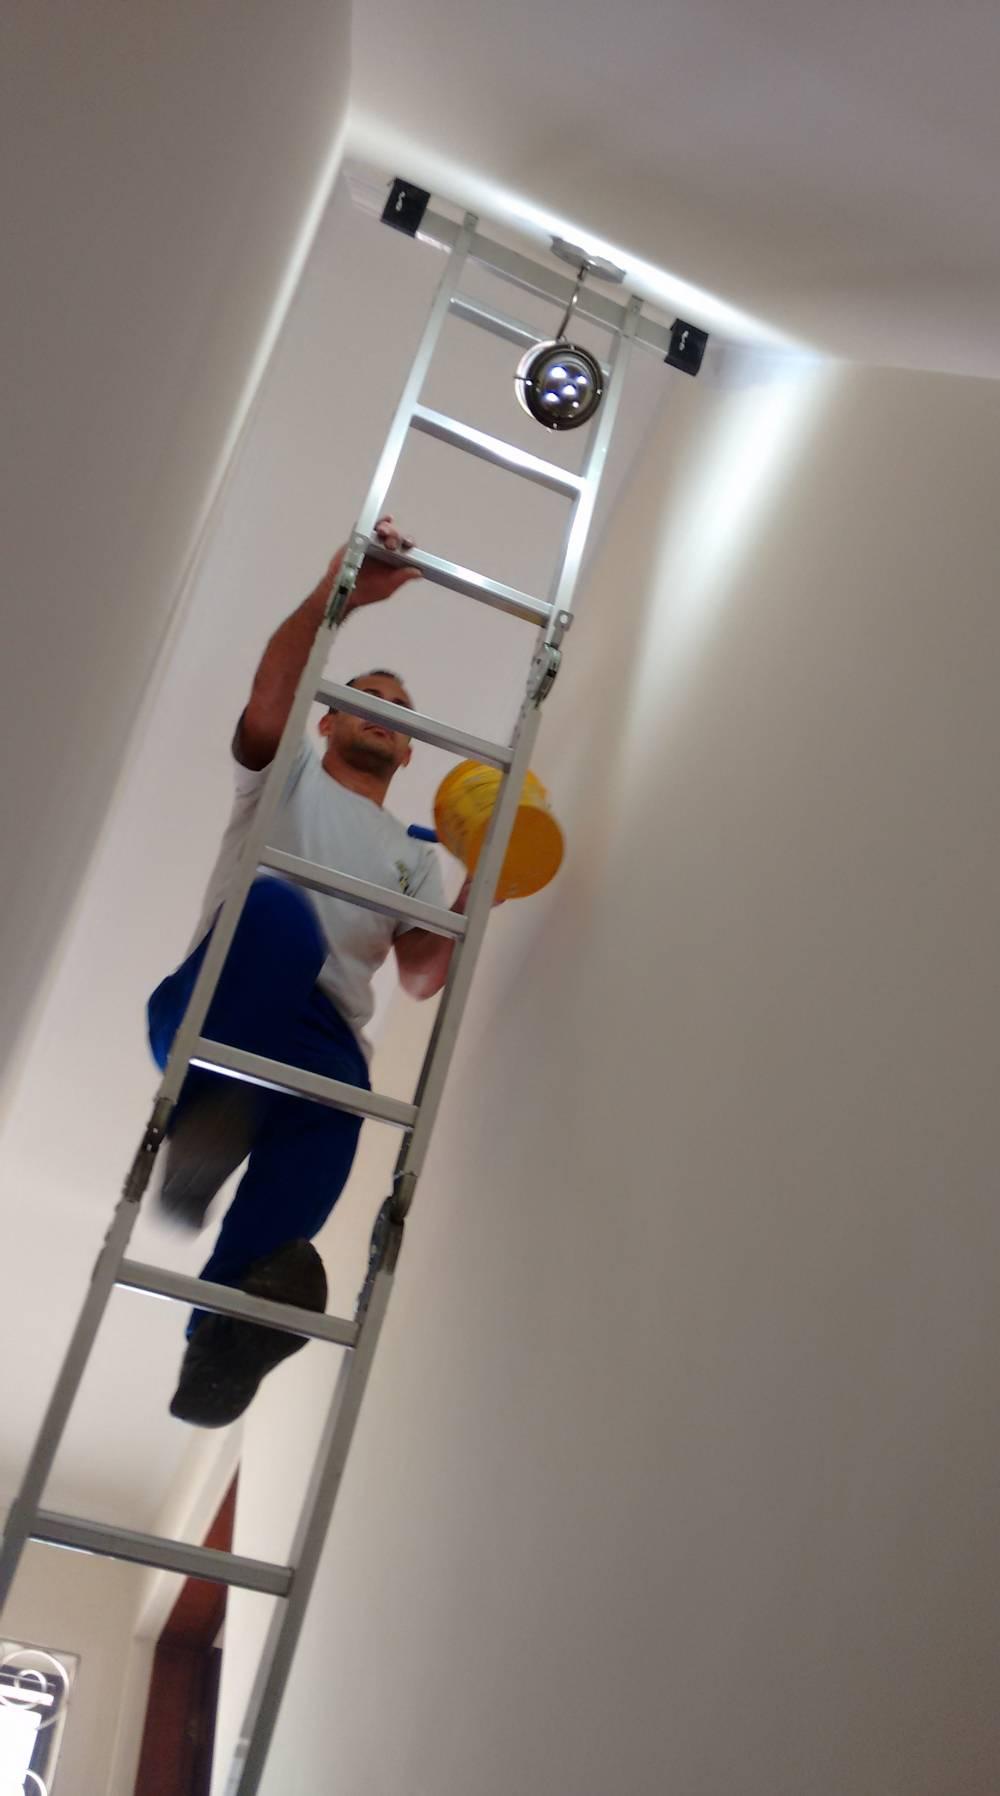 Empresa de Pequenas Manutenções Residenciais na Vila Cristina - Empresa de Manutenção Residencial SP